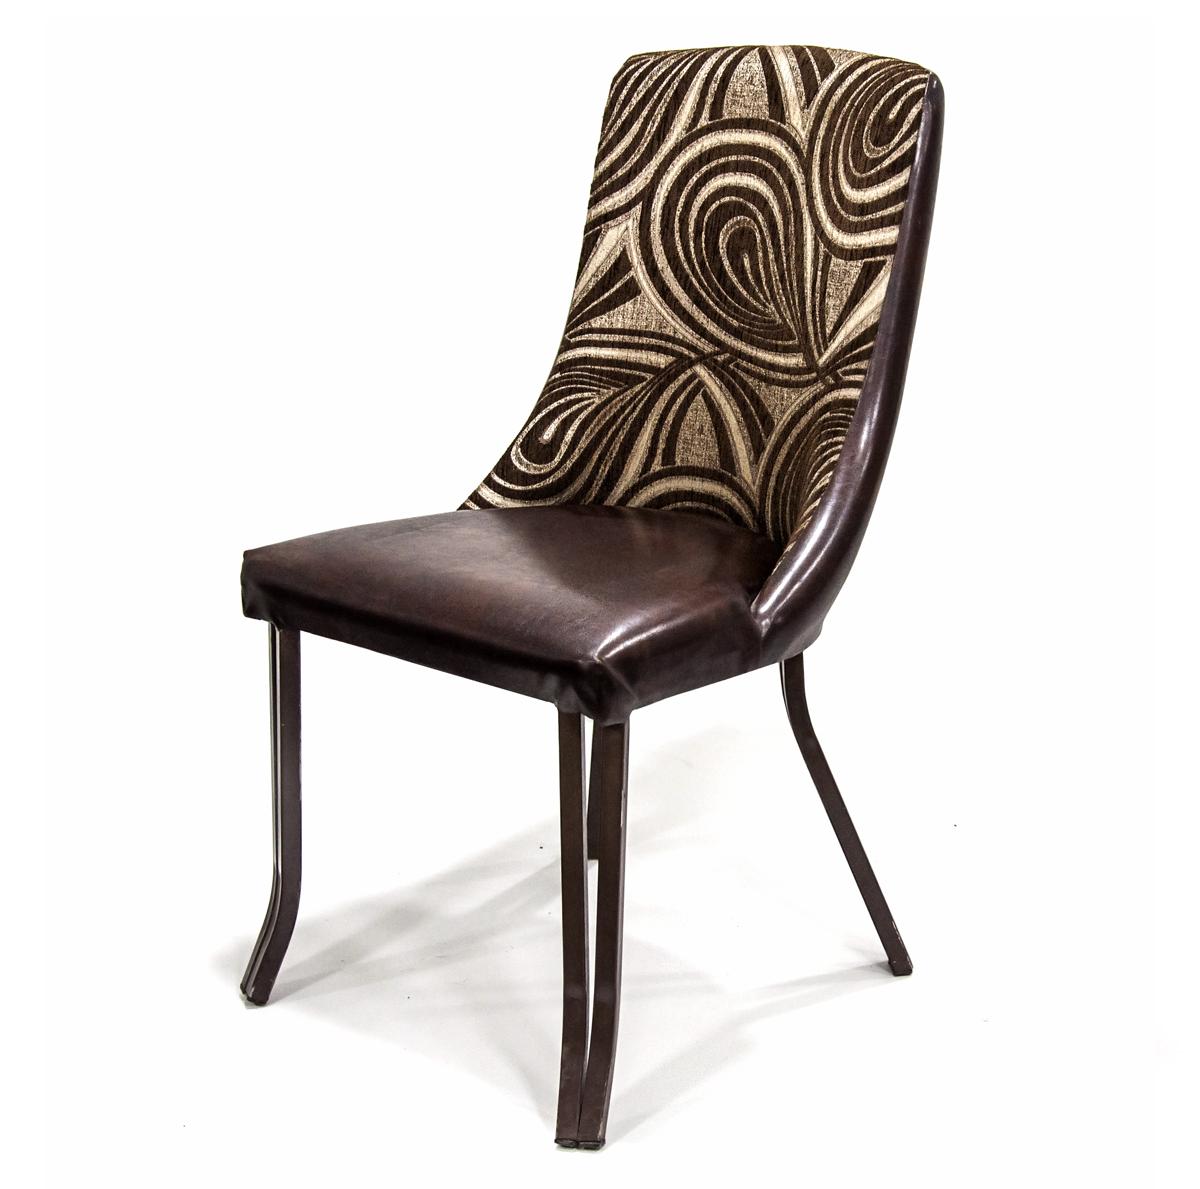 Krzesło Restauracyjne Newance Image